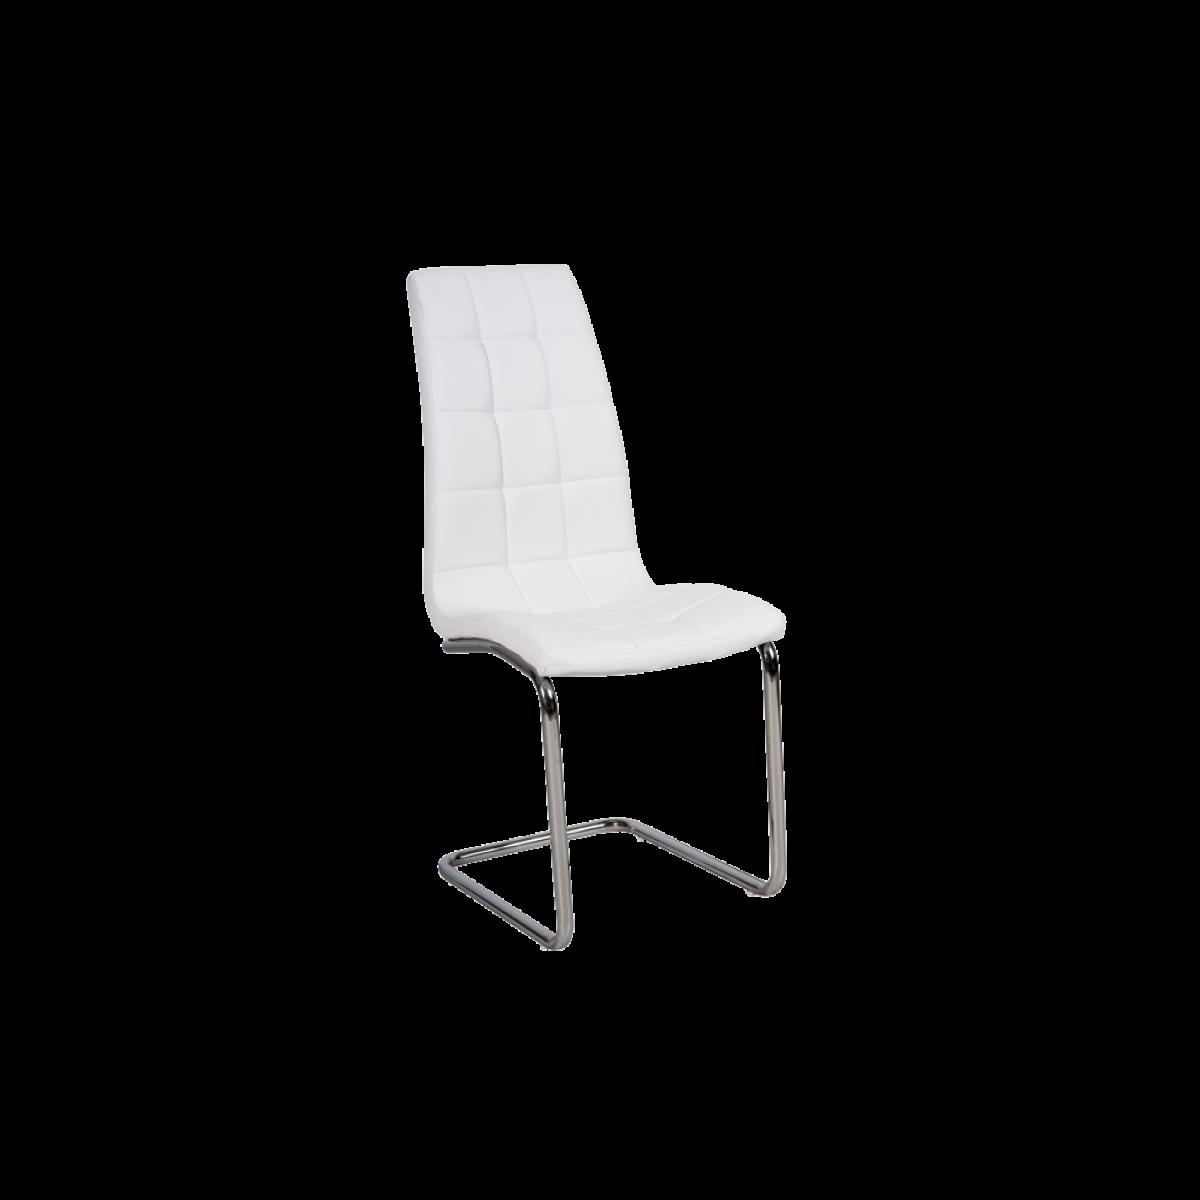 Ac-Deco Chaise en cuir PU - H103 - 43 x 42 x 102 cm - Blanc